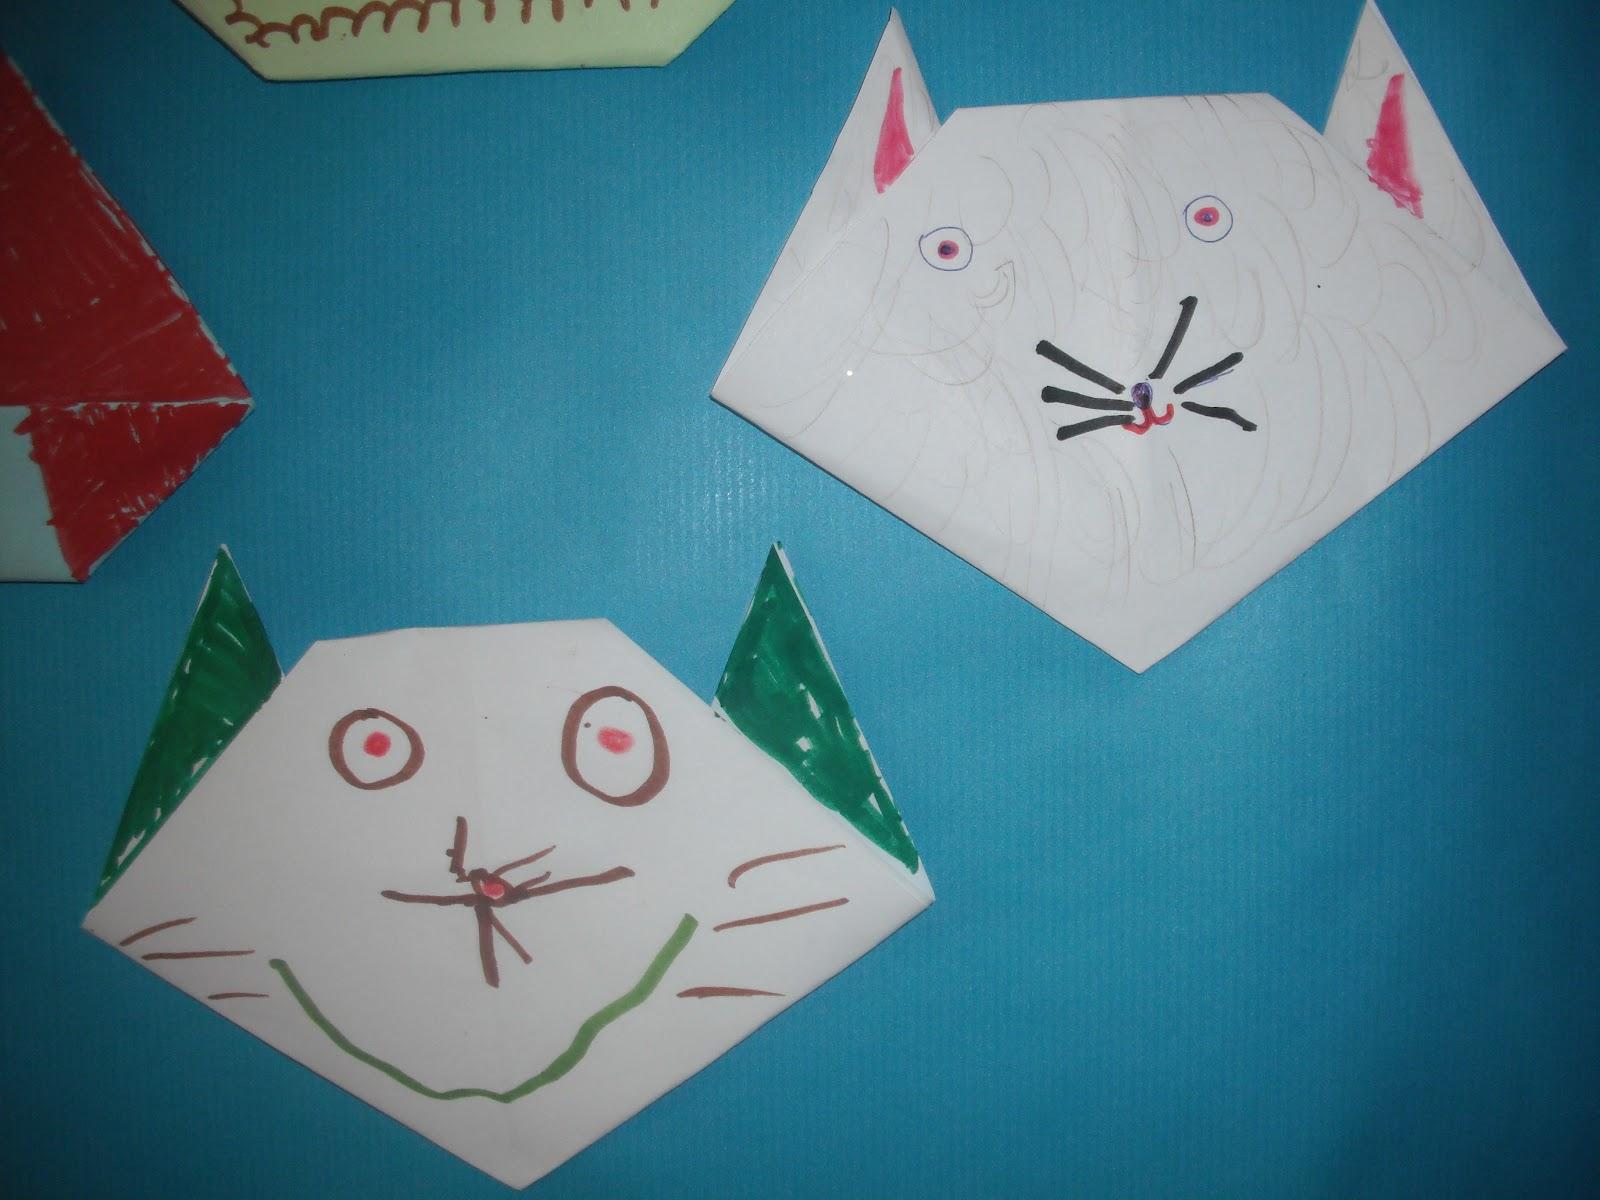 Origami For Kids Archives - Art For Kids Hub | 1200x1600